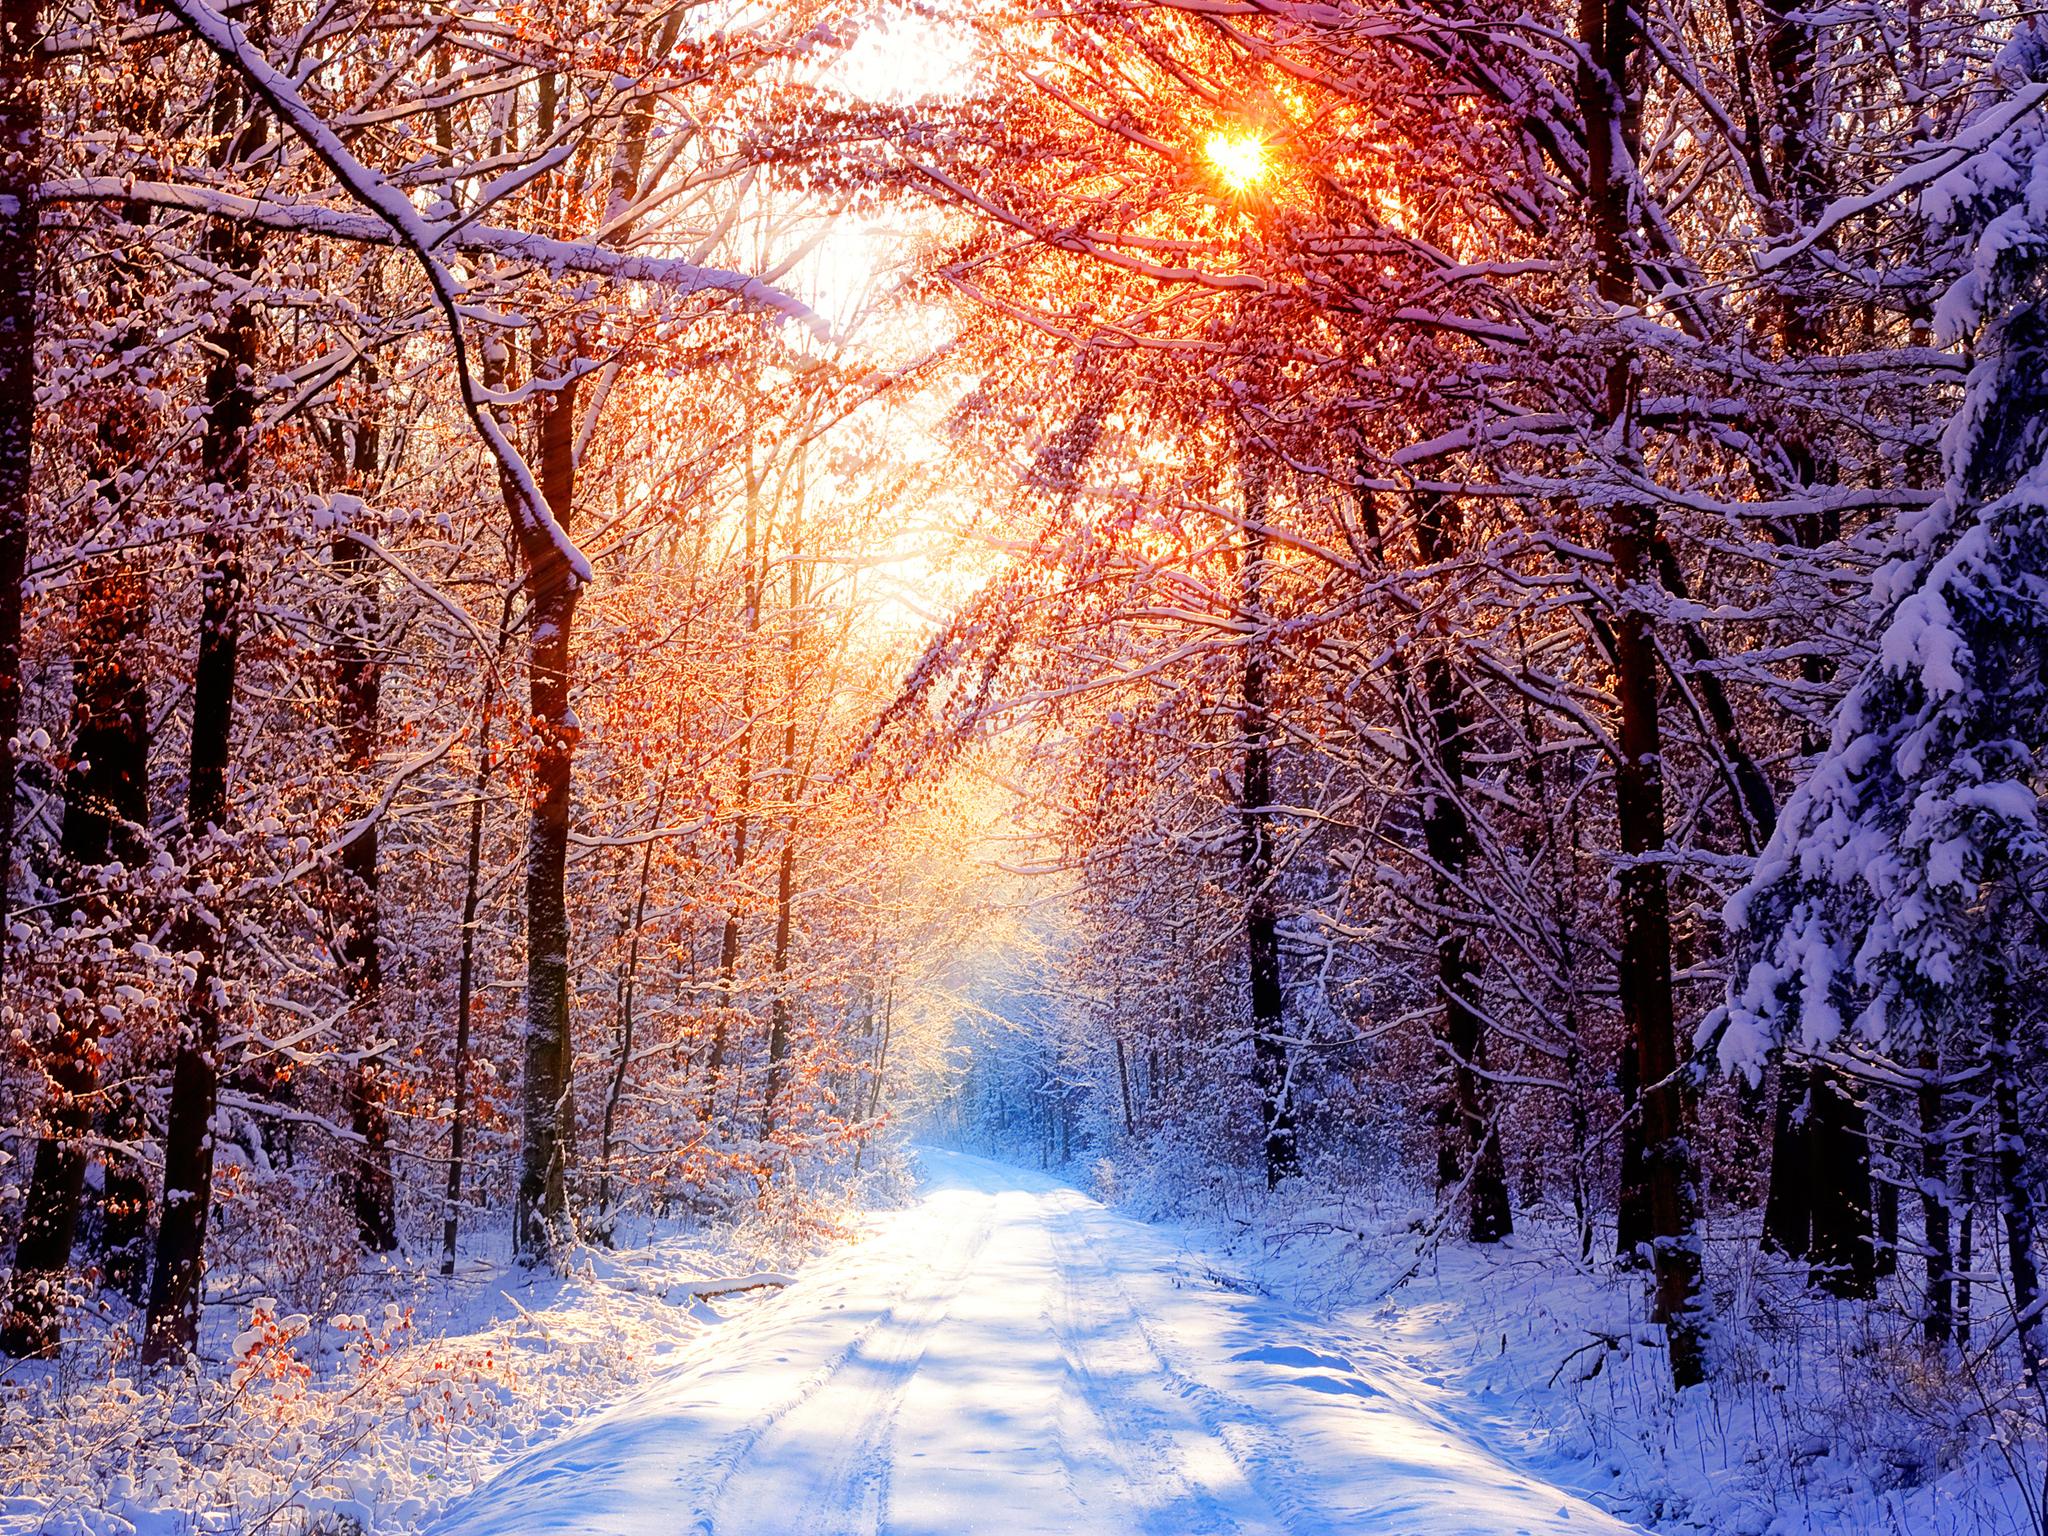 download Wallpapers room com Winter Wallpaper III by emats 2048x1536